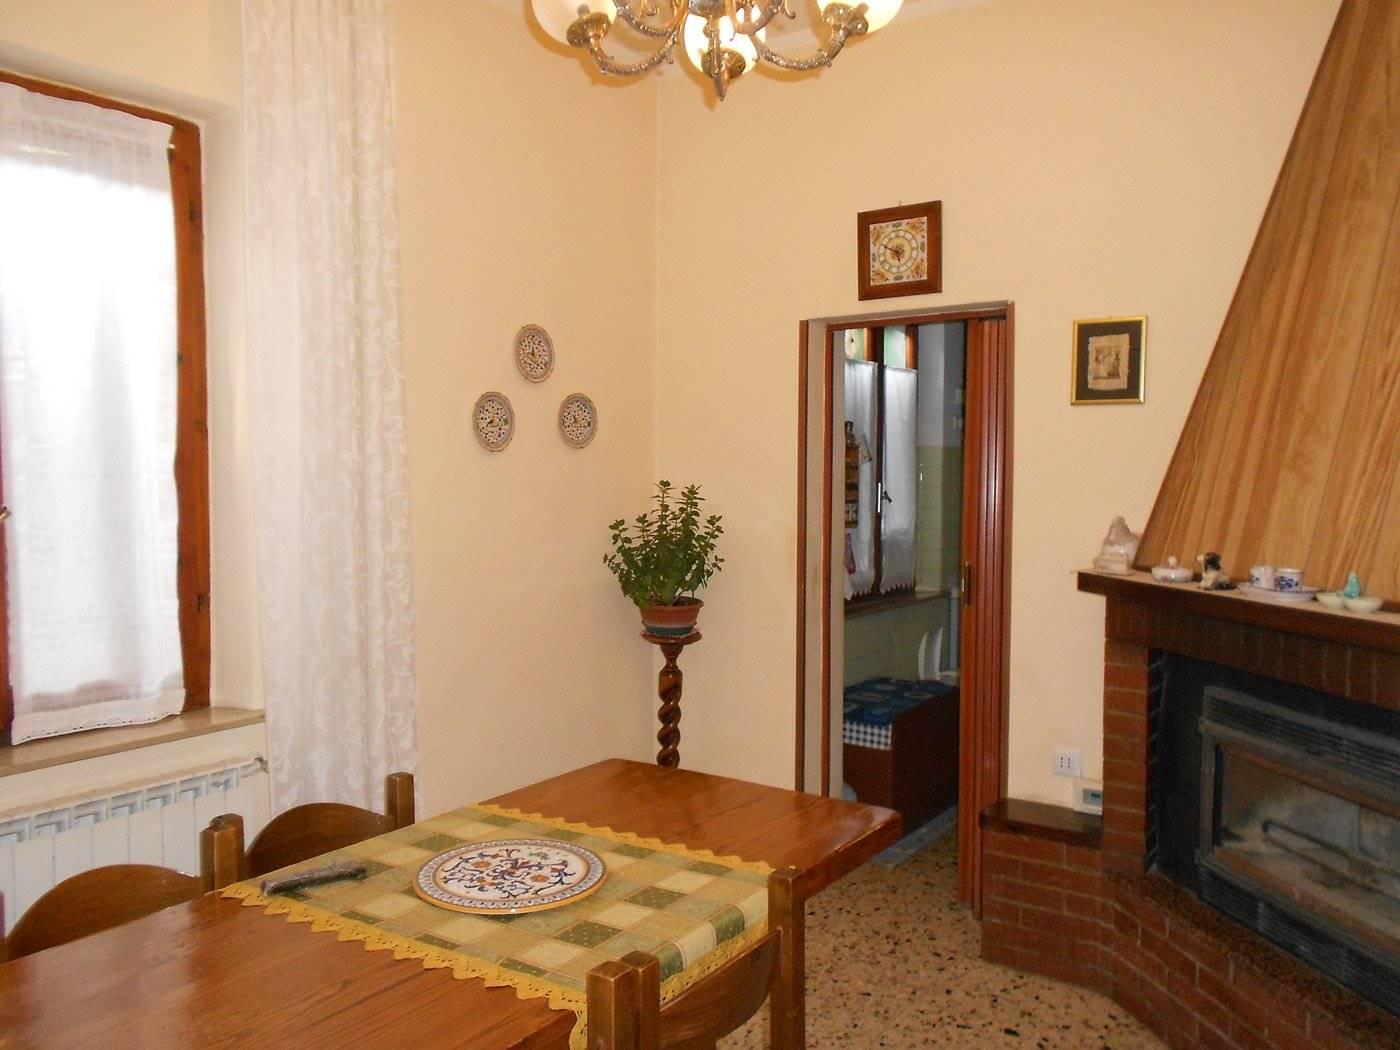 Appartamento in vendita a Spoleto, 8 locali, zona Località: PERIFERIA, prezzo € 110.000 | CambioCasa.it